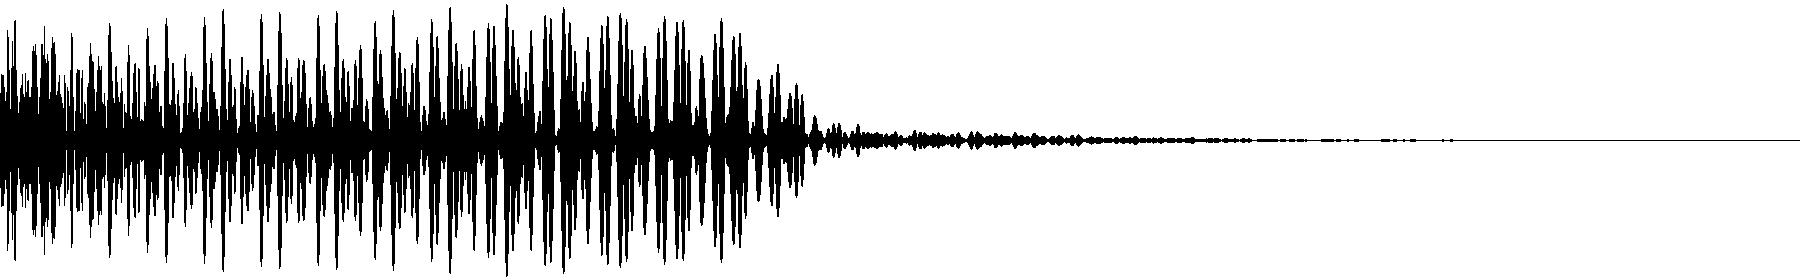 vedh bass cut 122 b